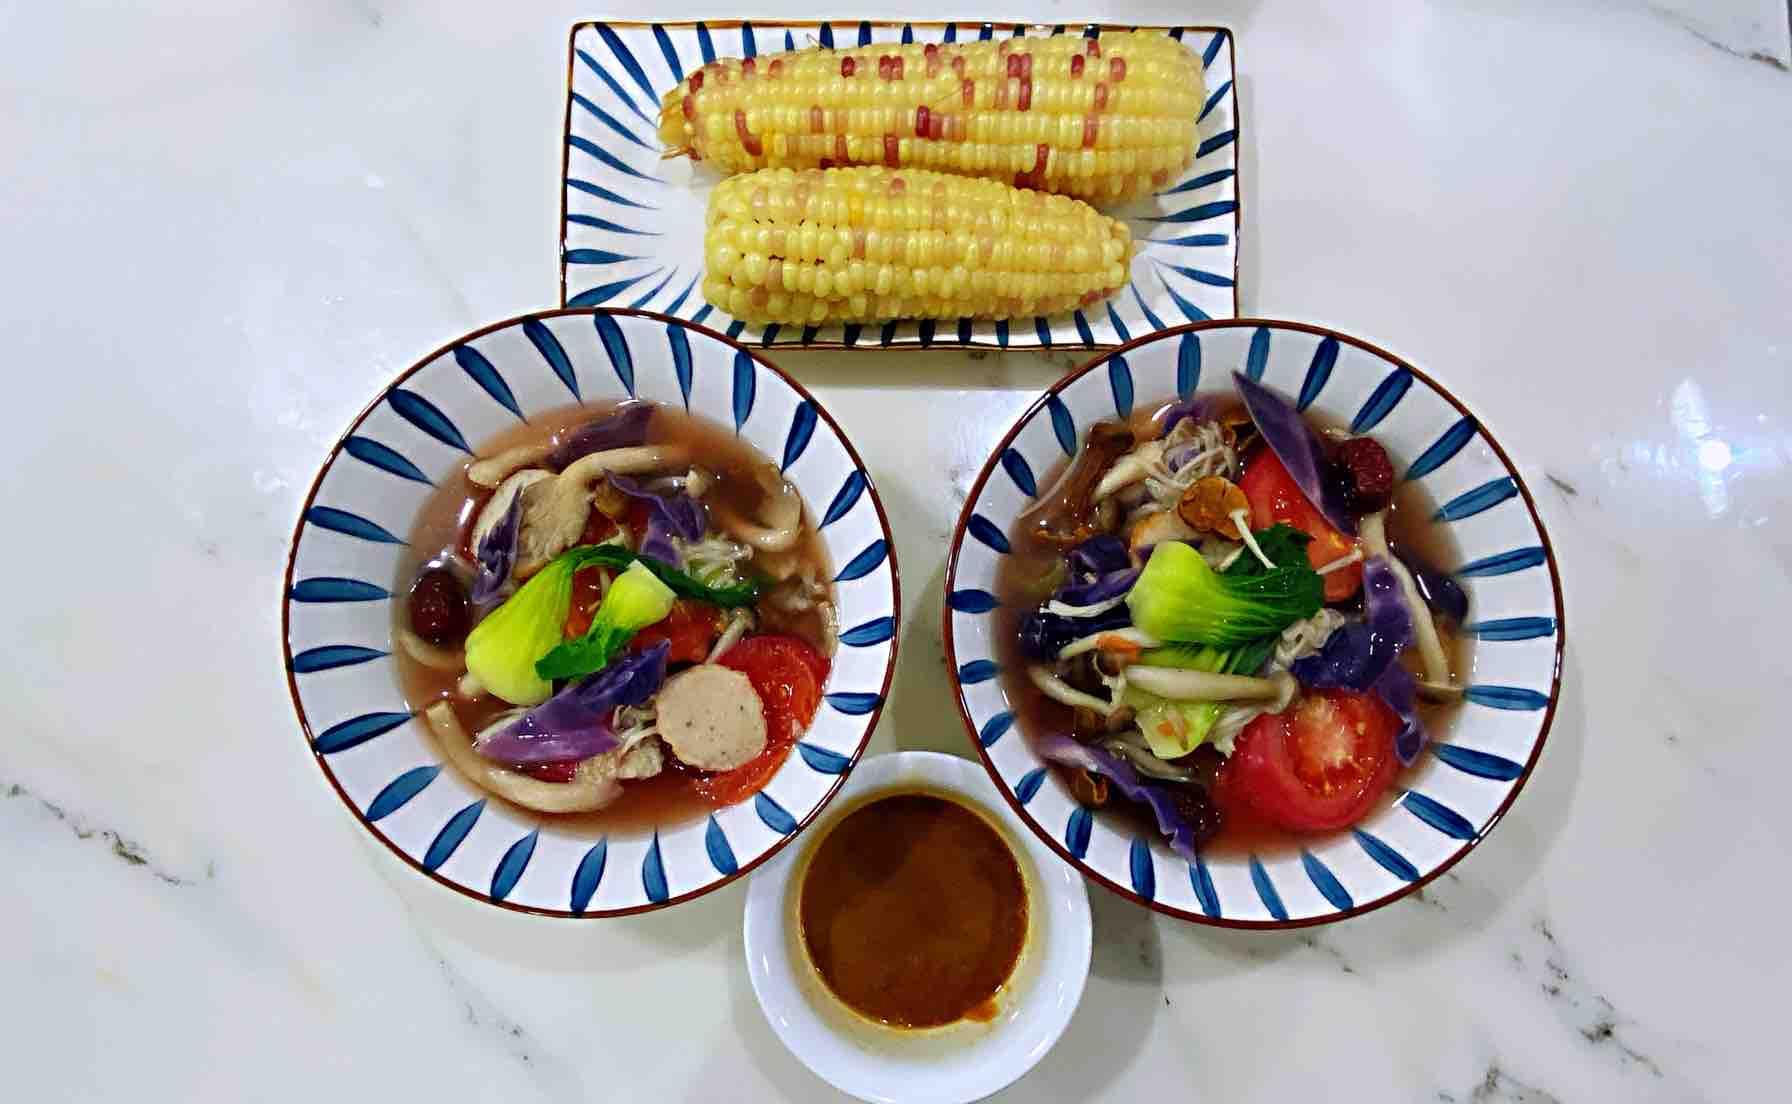 【孕妇食谱】五彩菌菇汤,鲜美低脂又营养,好吃好喝不发胖~成品图